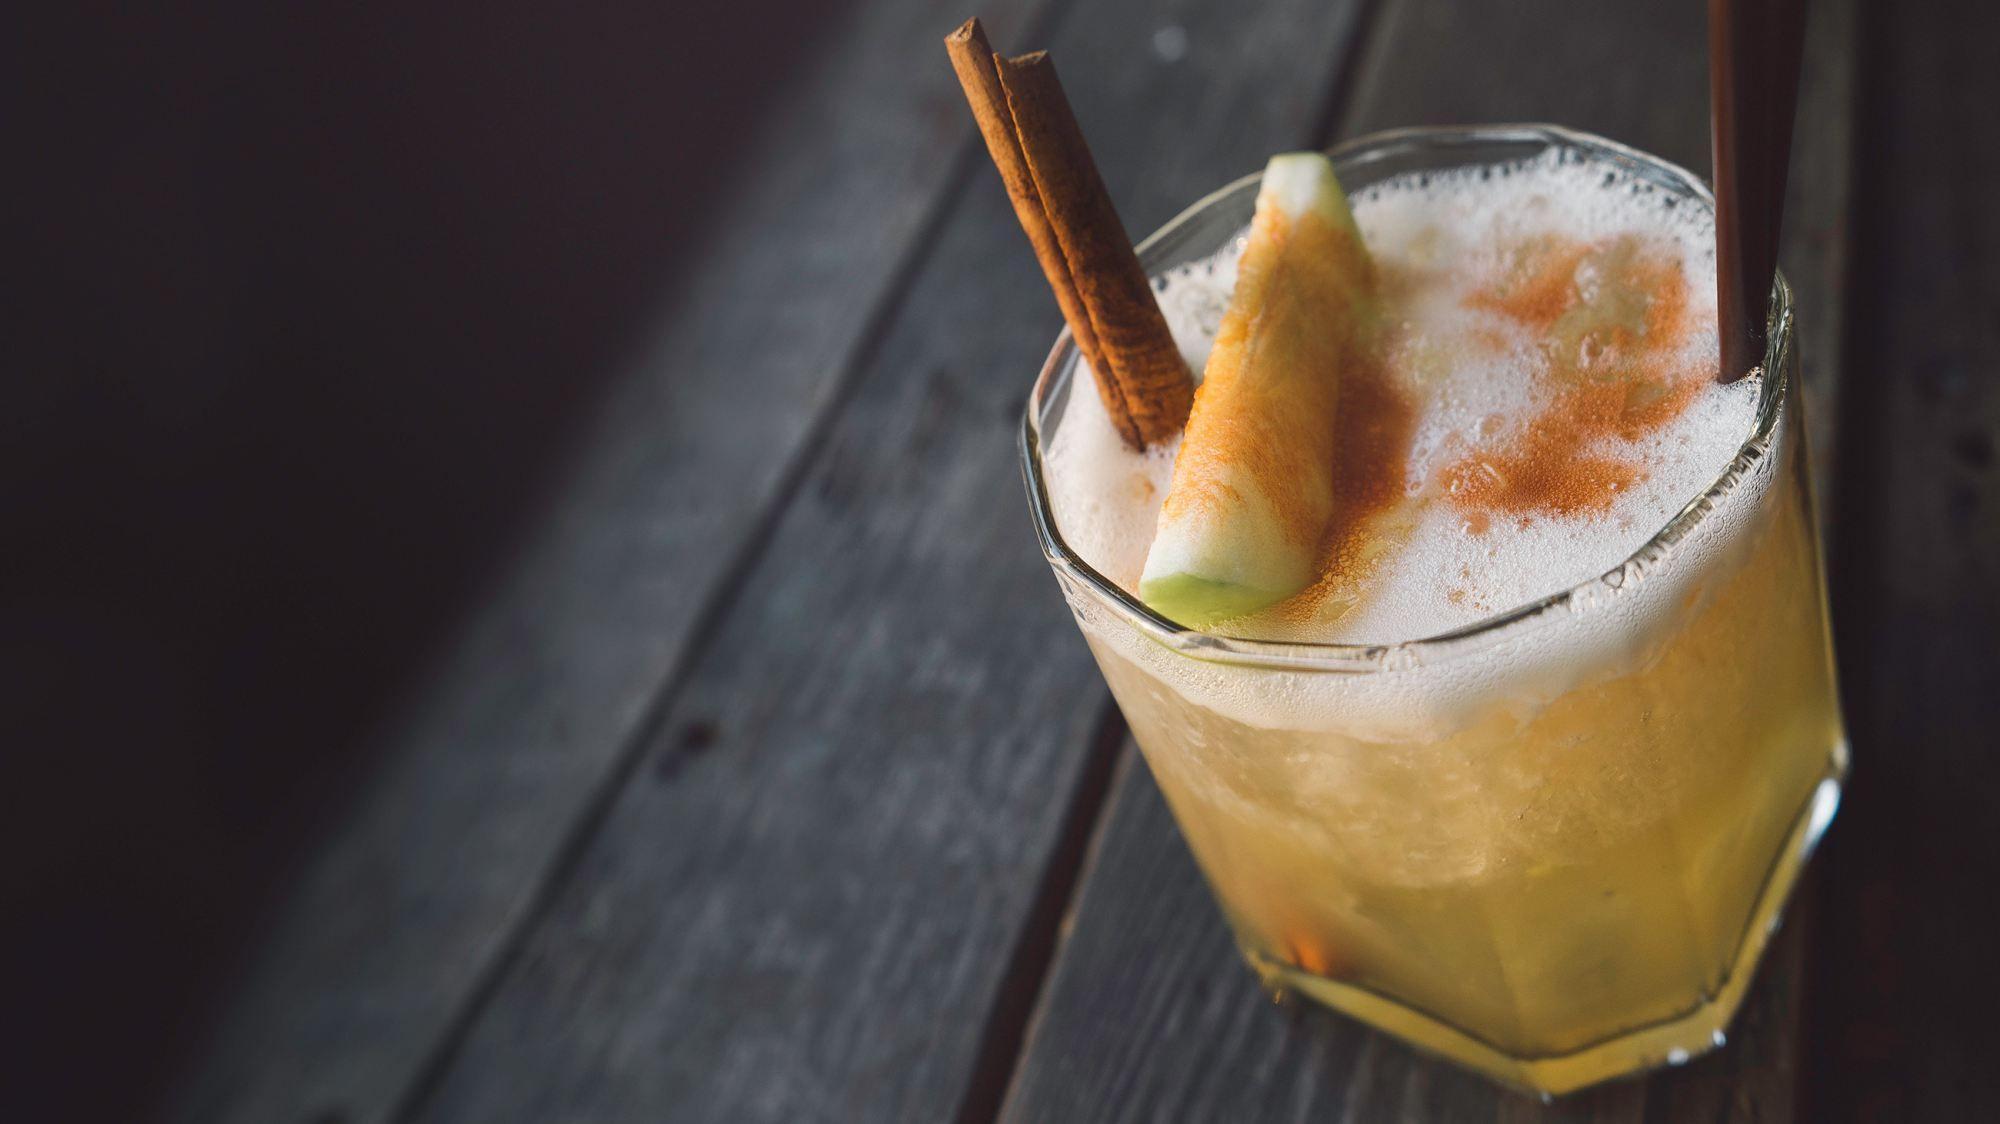 Paris Cocktail Week 2018 Celebrates the Greening of the Paris Bar Scene – 52 Martinis